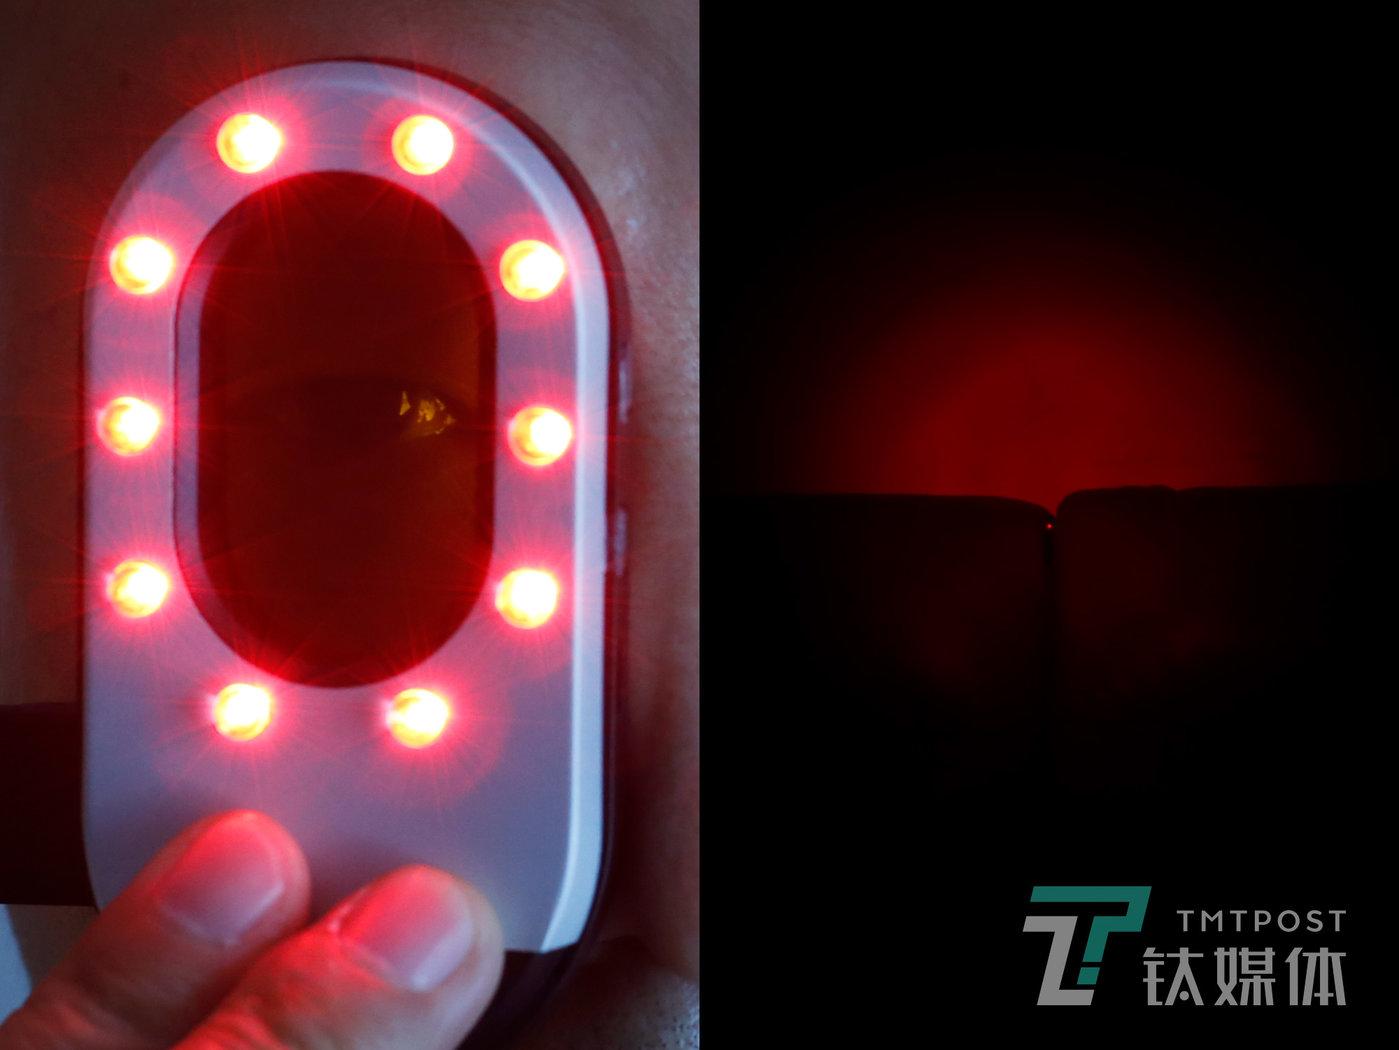 在便携式扫描仪的照射下,一枚针孔摄像头反射出红色亮点。何志会向钛媒体《在线》介绍,针孔摄像头很难用肉眼去发现,如果不具备专业检测条件,想检测所处的室内空间是否安全,可以使用便携的针孔摄像头扫描仪。